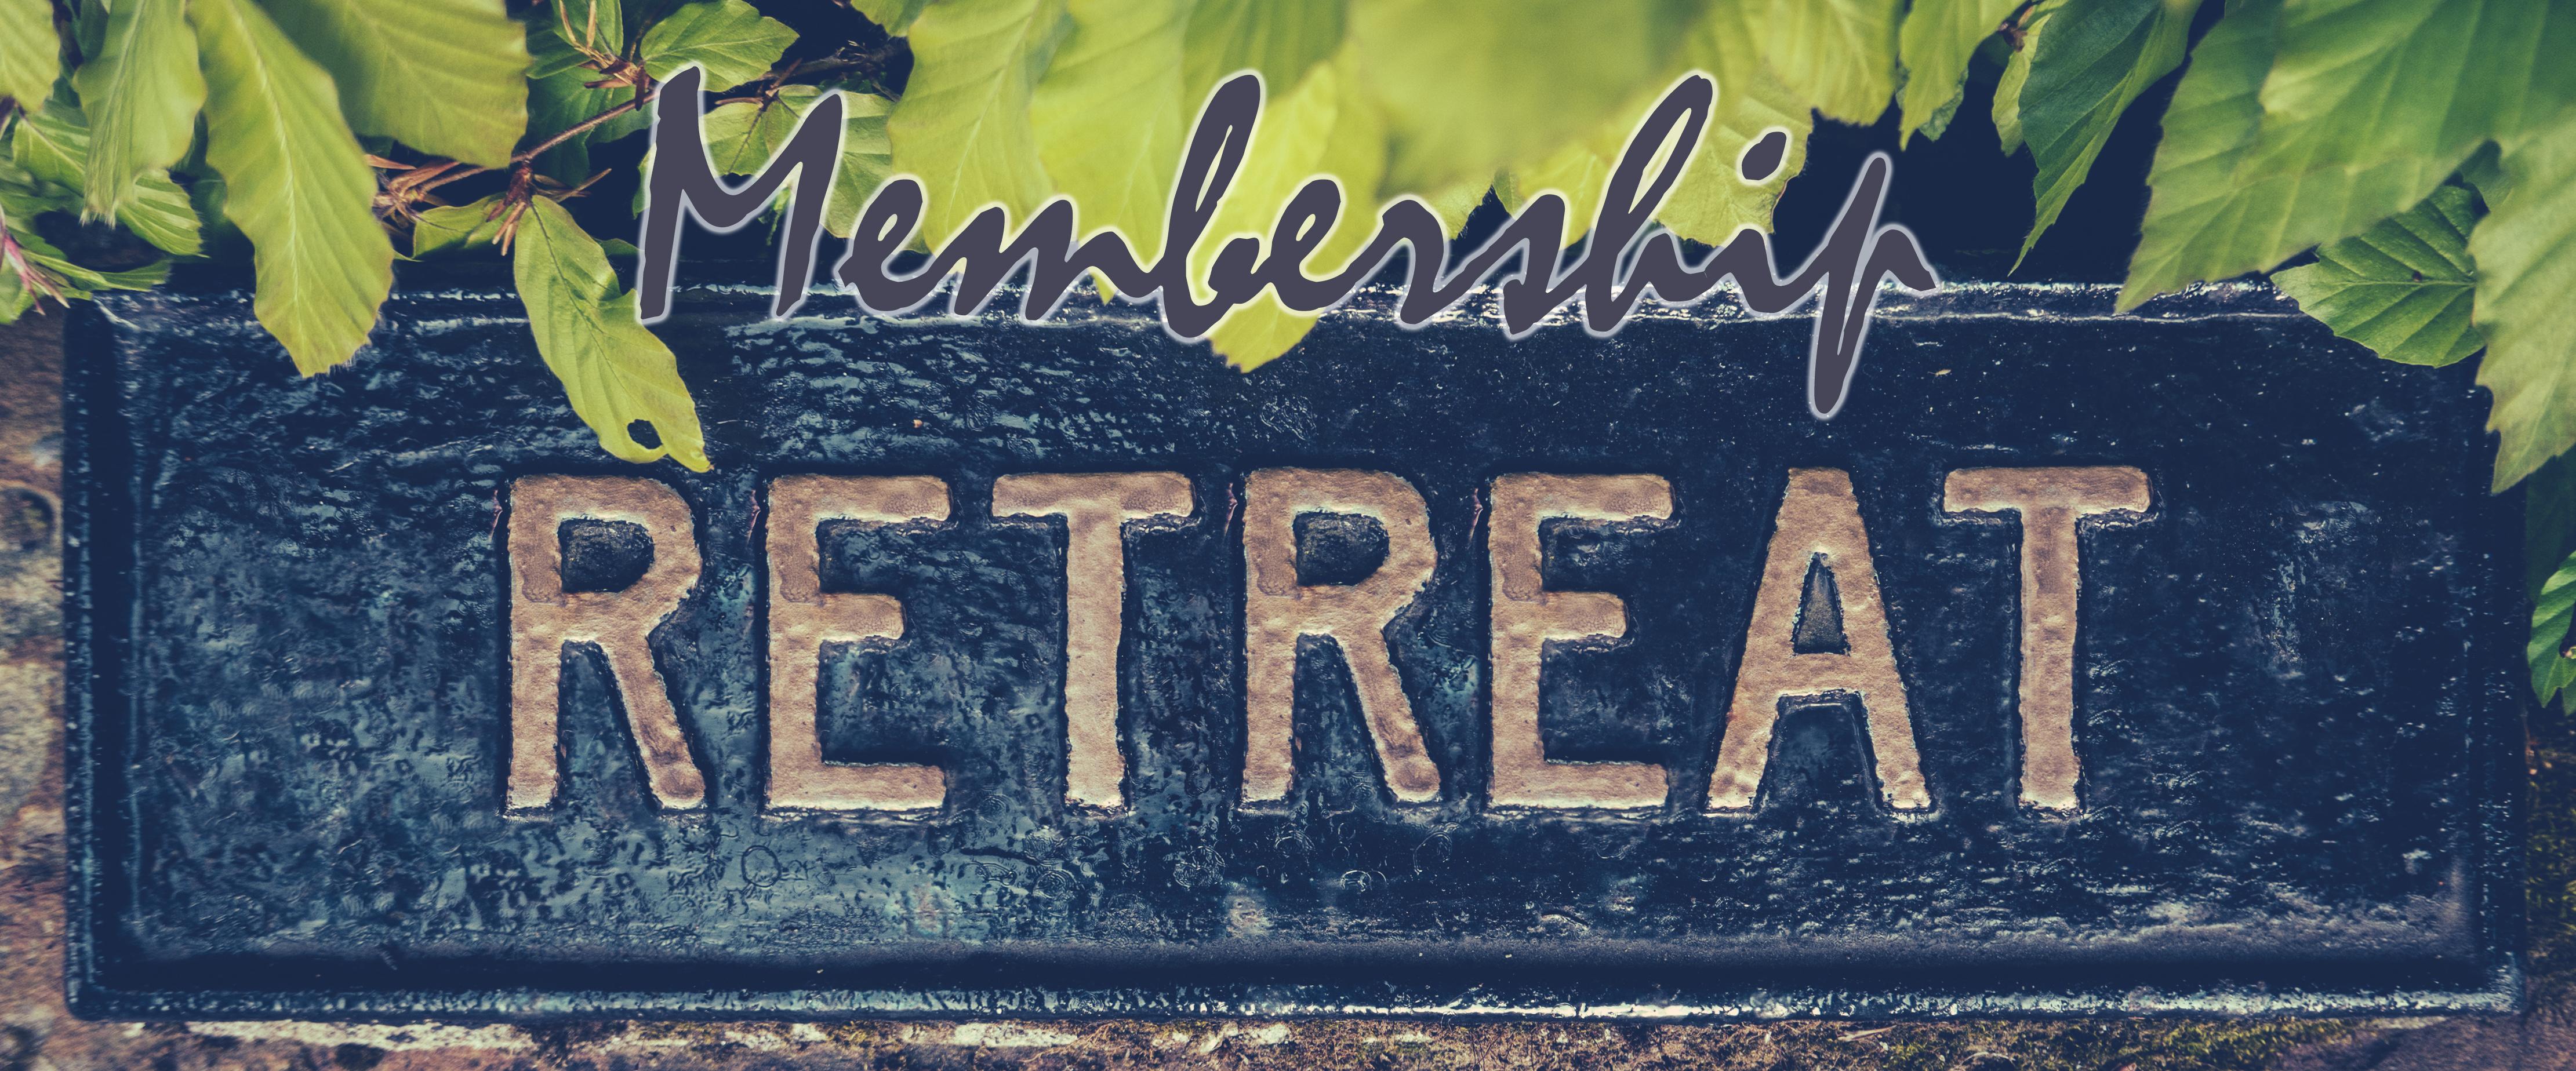 Membership retreat